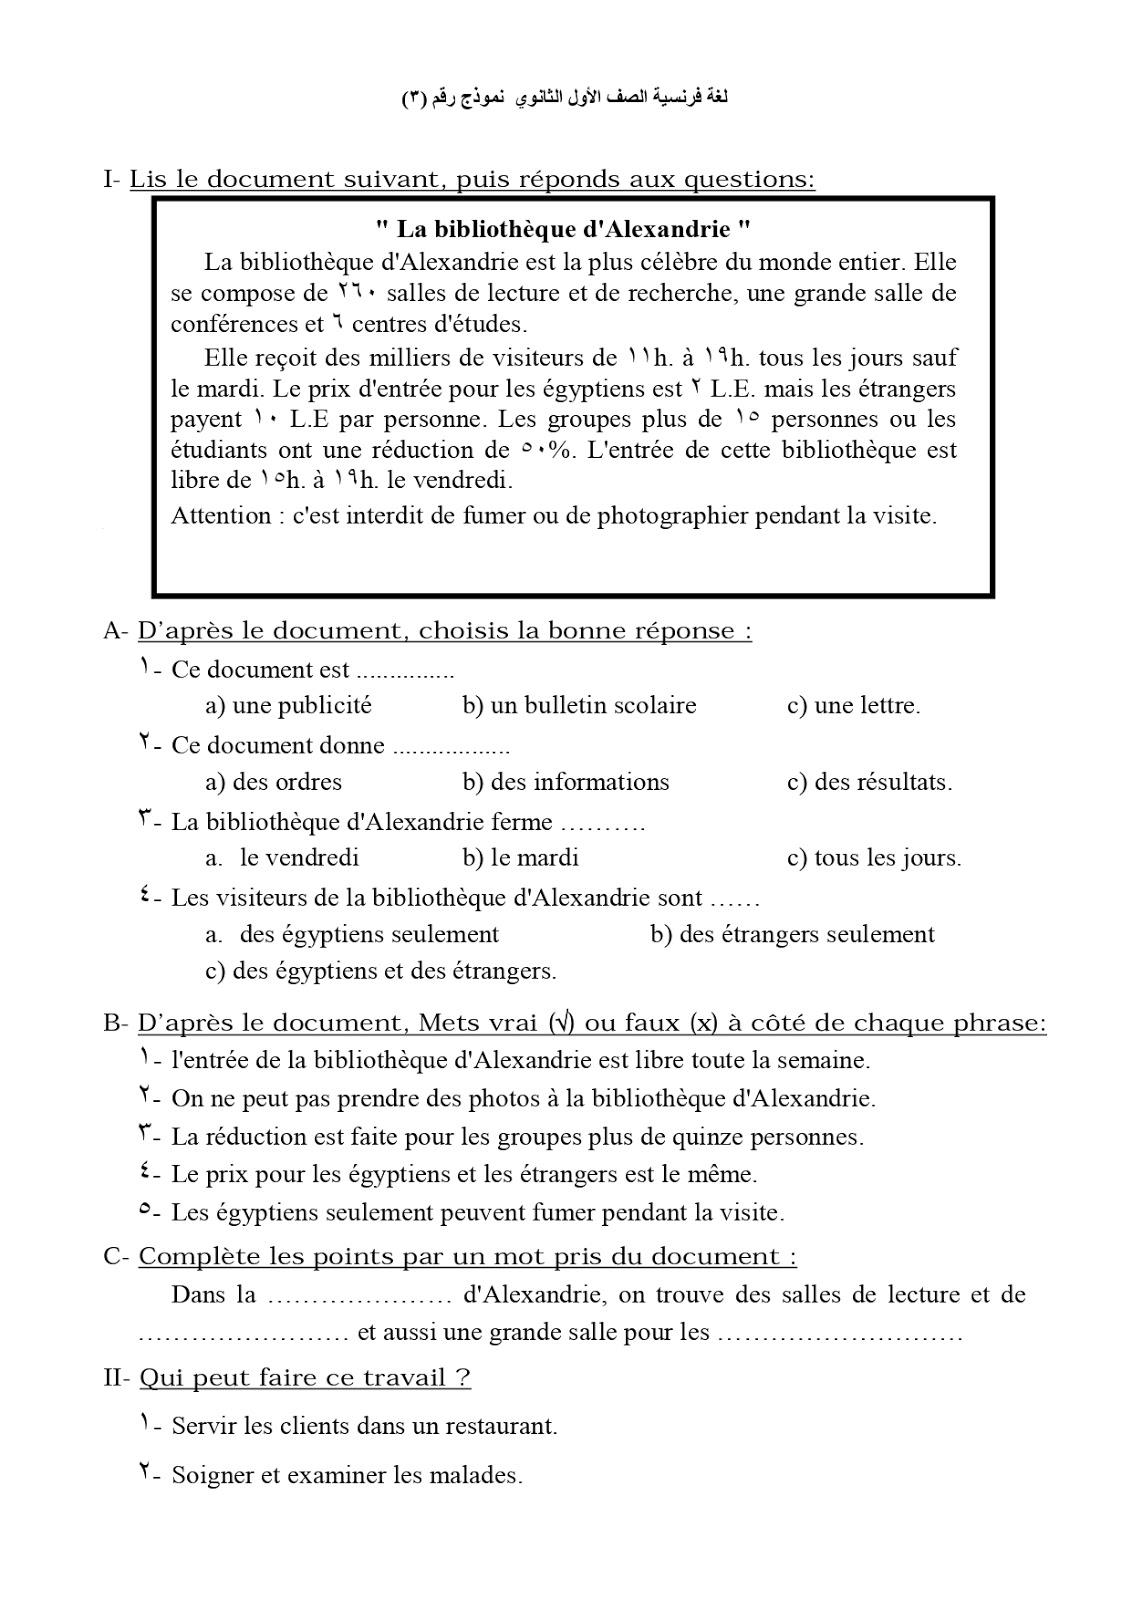 امتحان لغة فرنسية لاولى ثانوى (2)